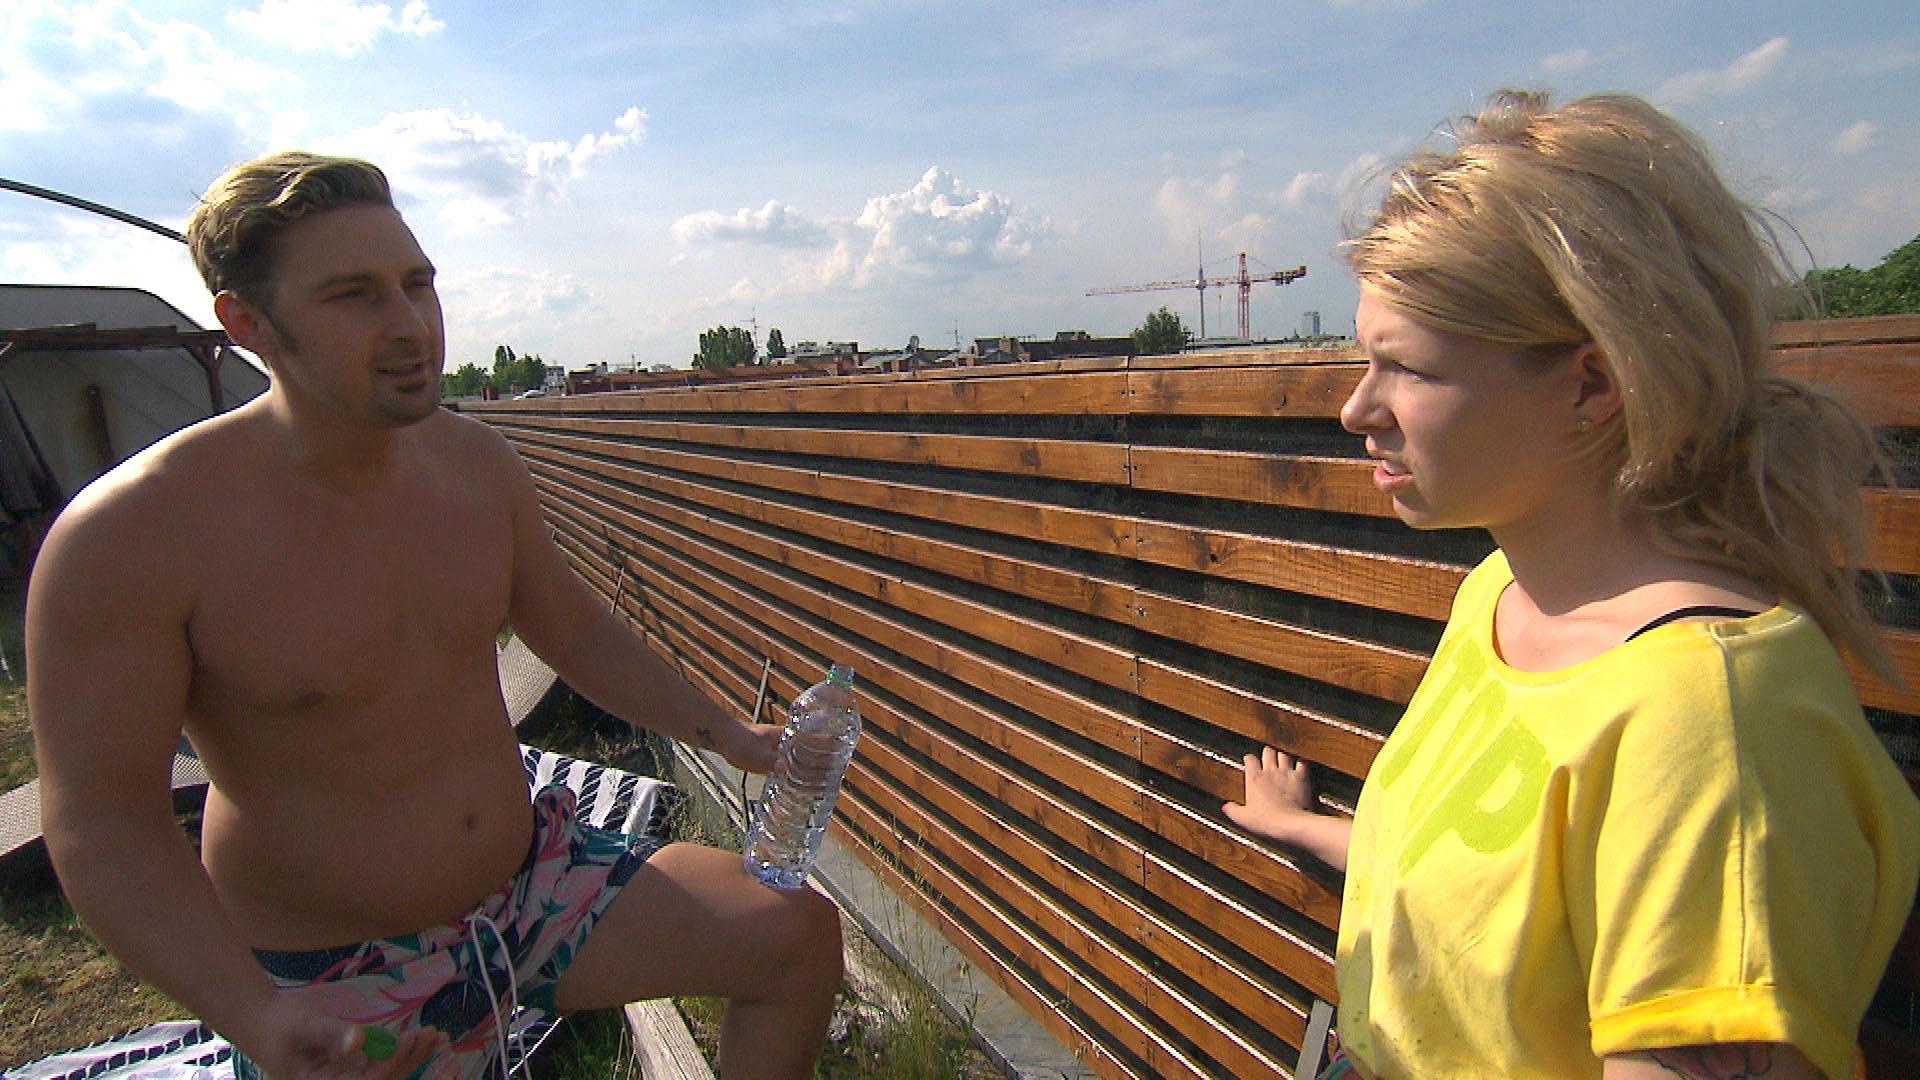 Nina (re.) kommt sich im Loft fehl am Platz vor und beginnt daran zu zweifeln, dass ihre Entscheidung, nach Berlin zu gehen, die richtige war. Leon (li.) (Quelle: RTL 2)